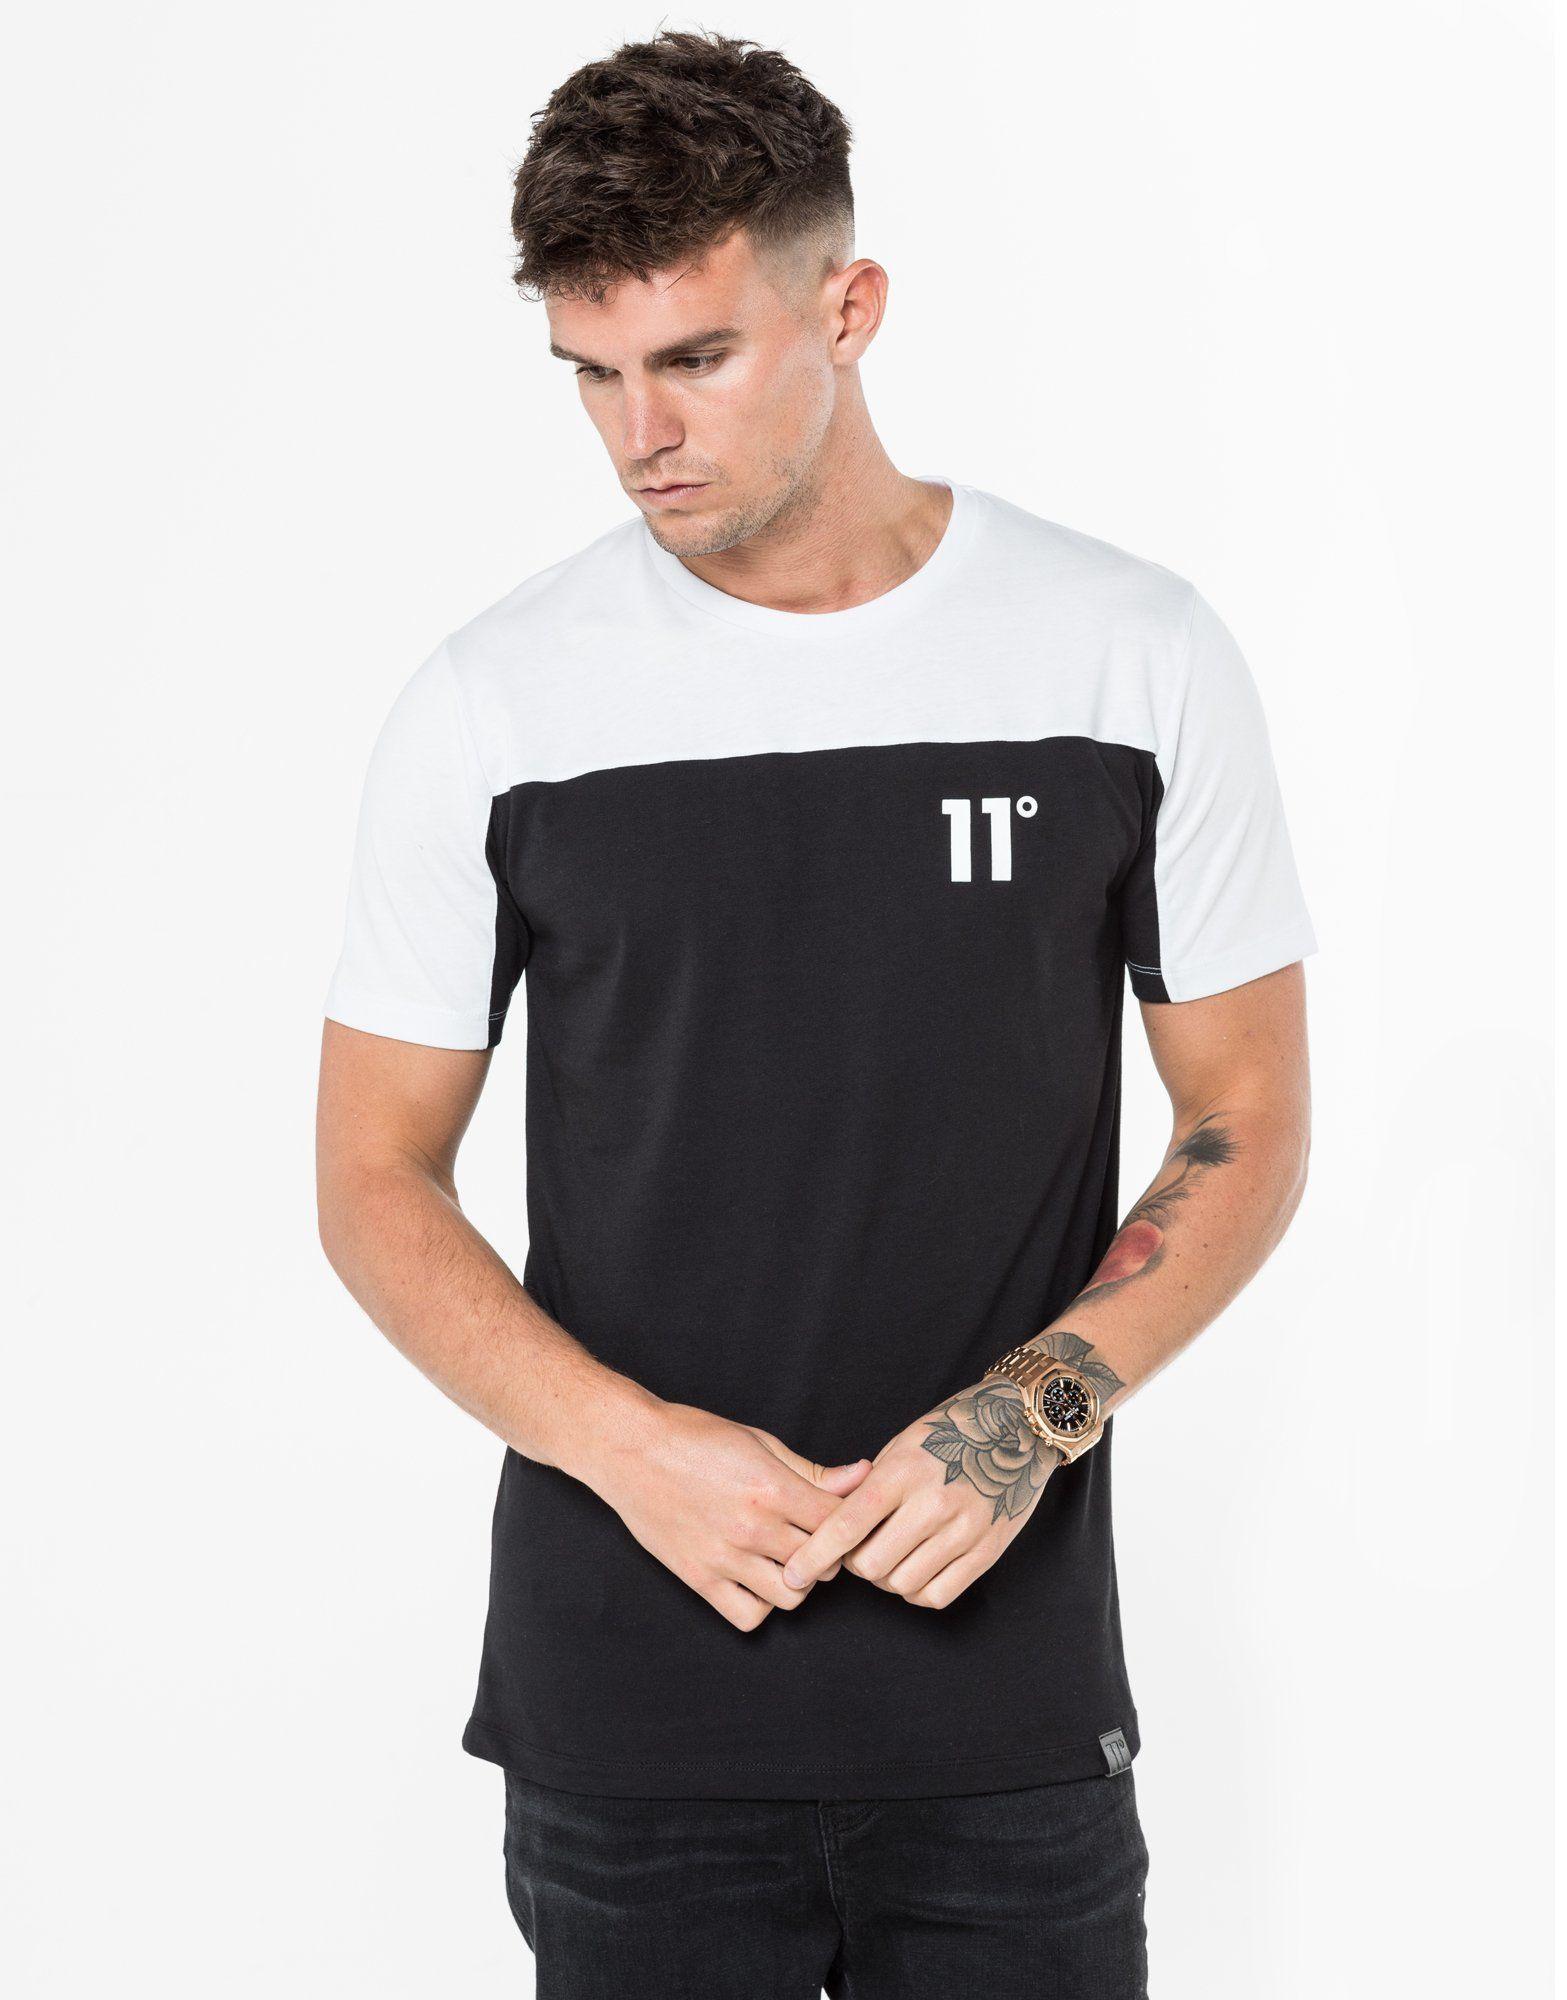 officiële foto's verenigd koninkrijk erkende merken Shoptagr | 11 Degrees Colour Block T Shirt by 11 Degrees